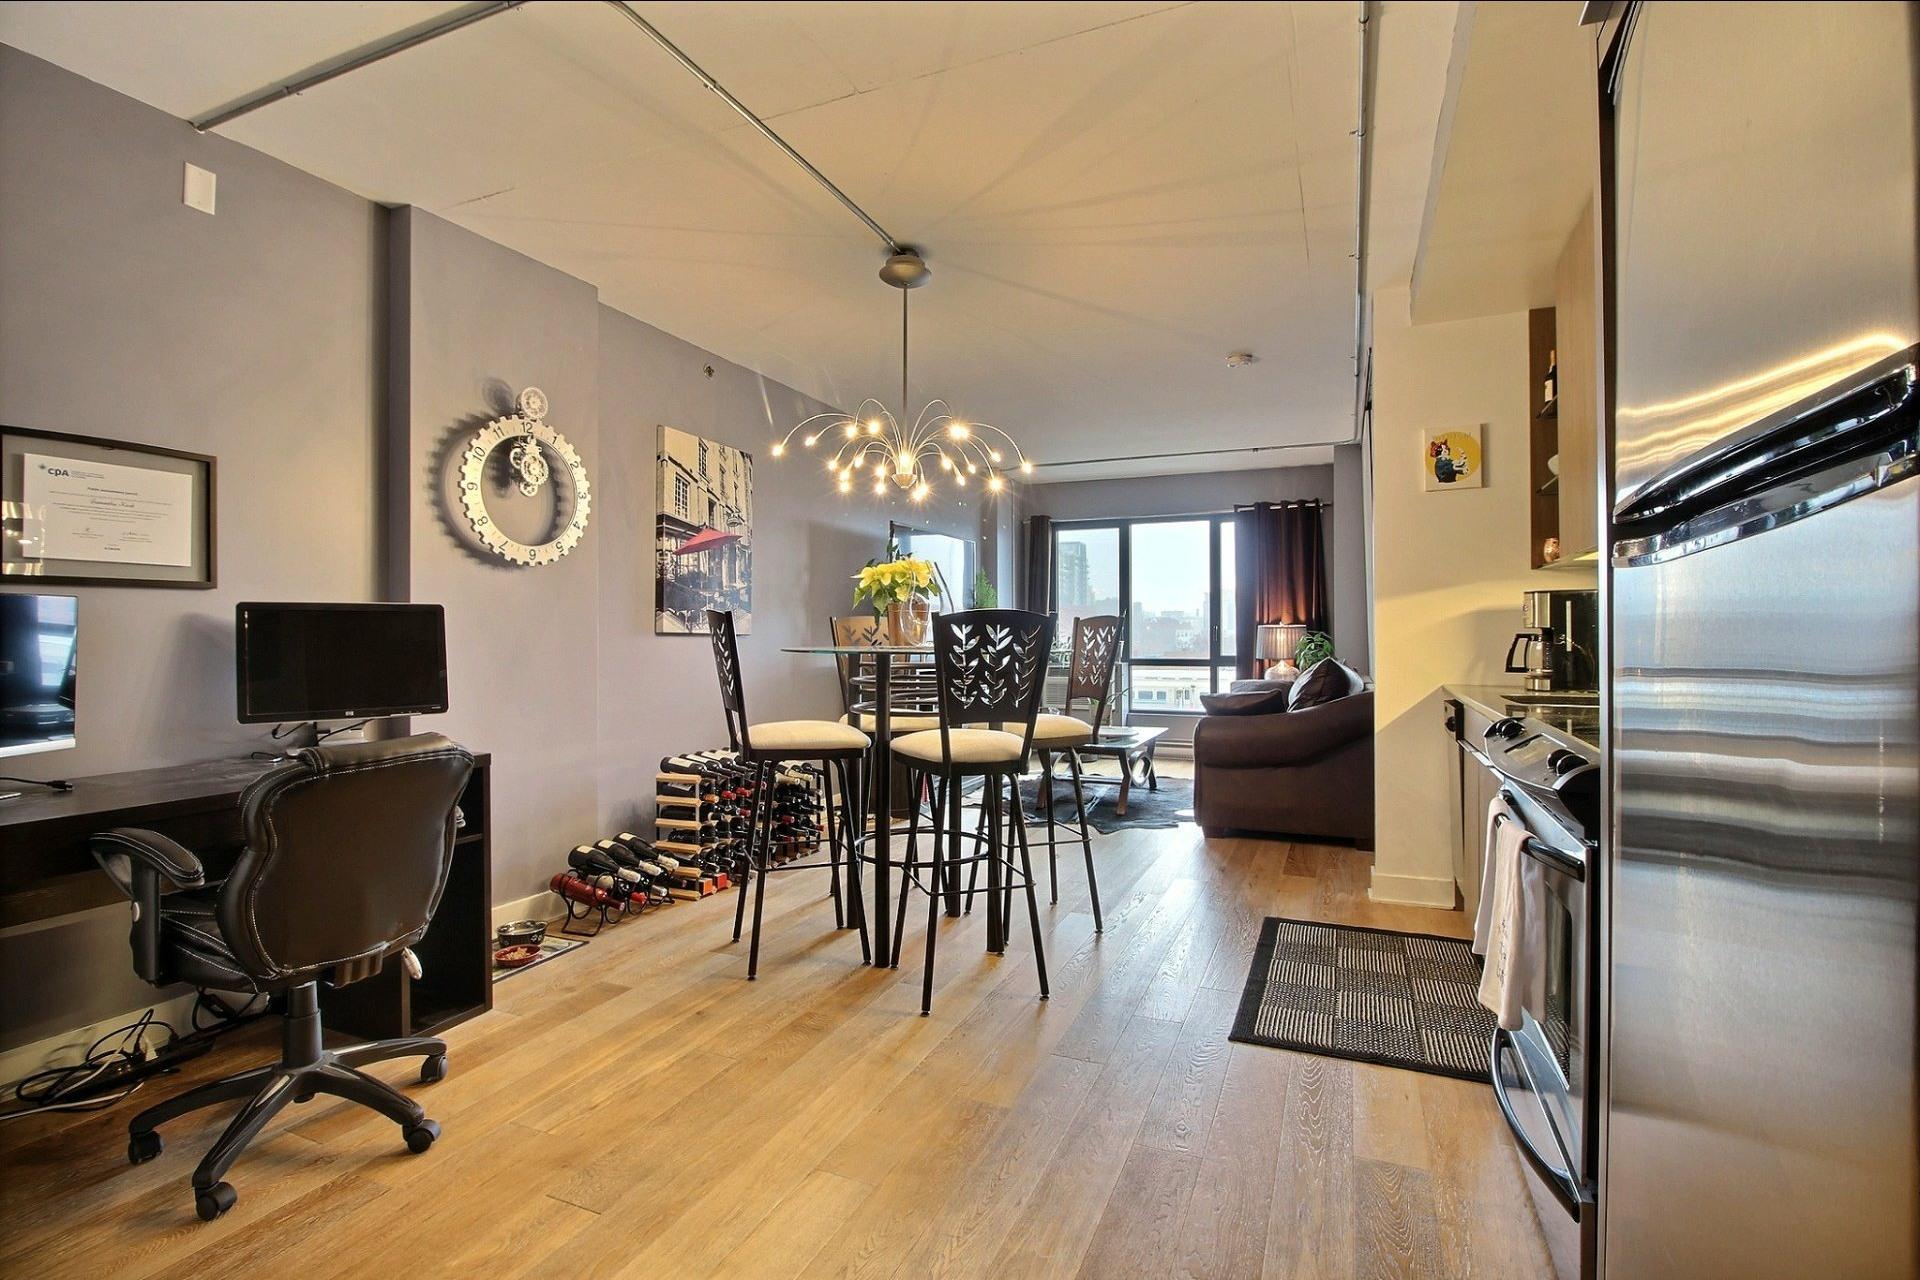 image 1 - Appartement À louer Montréal Le Sud-Ouest  - 3 pièces